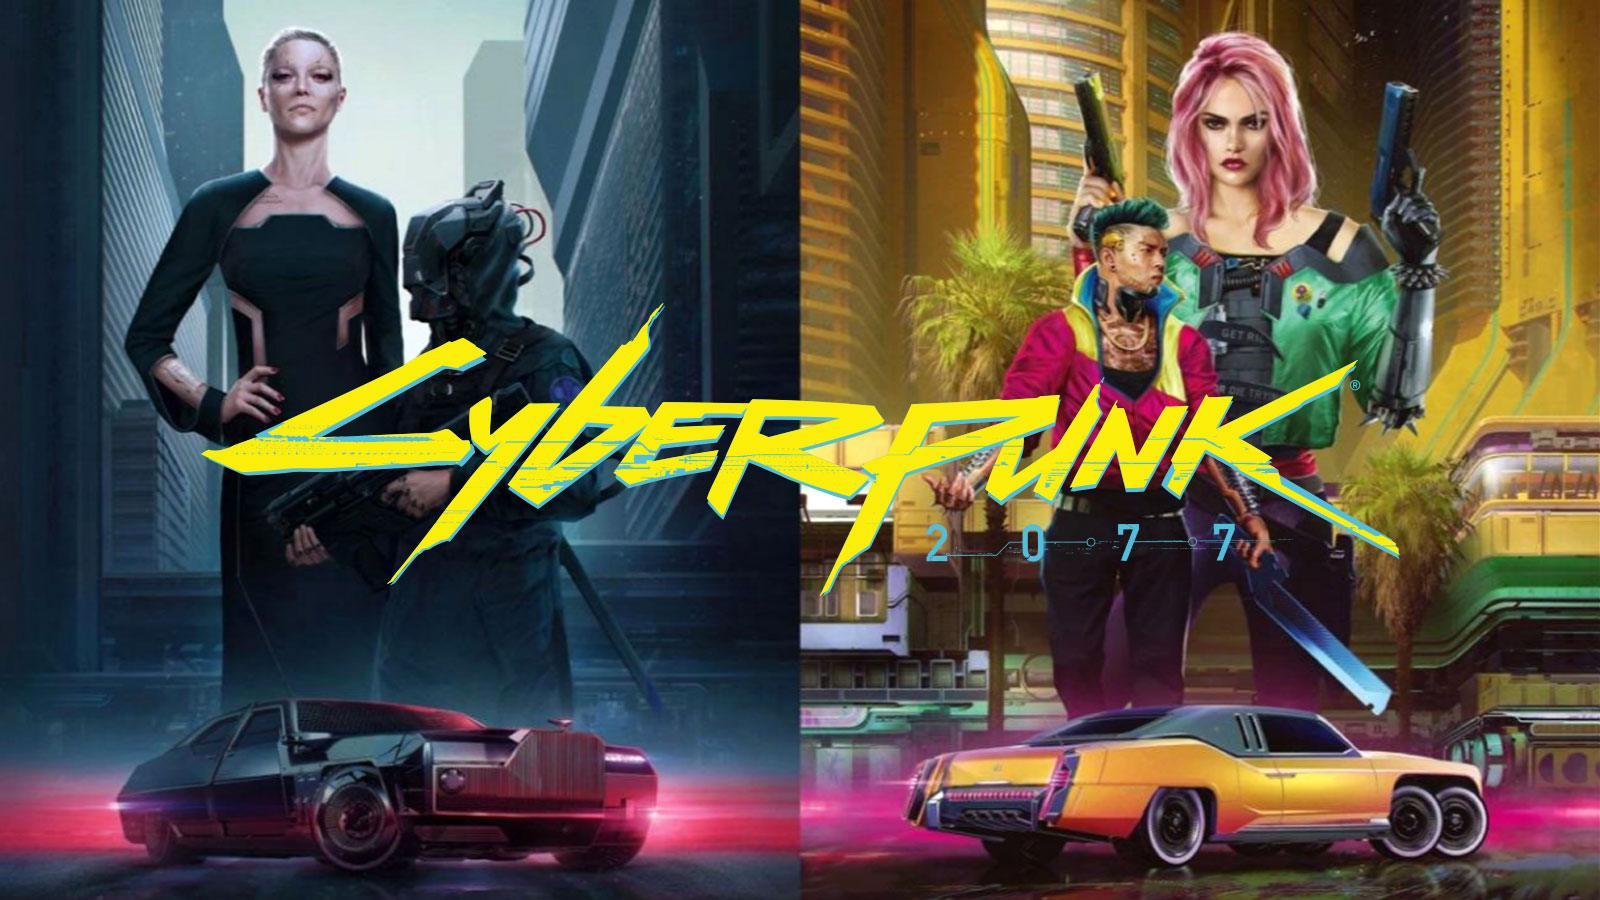 Les meilleures voitures dans Cyberpunk 2077